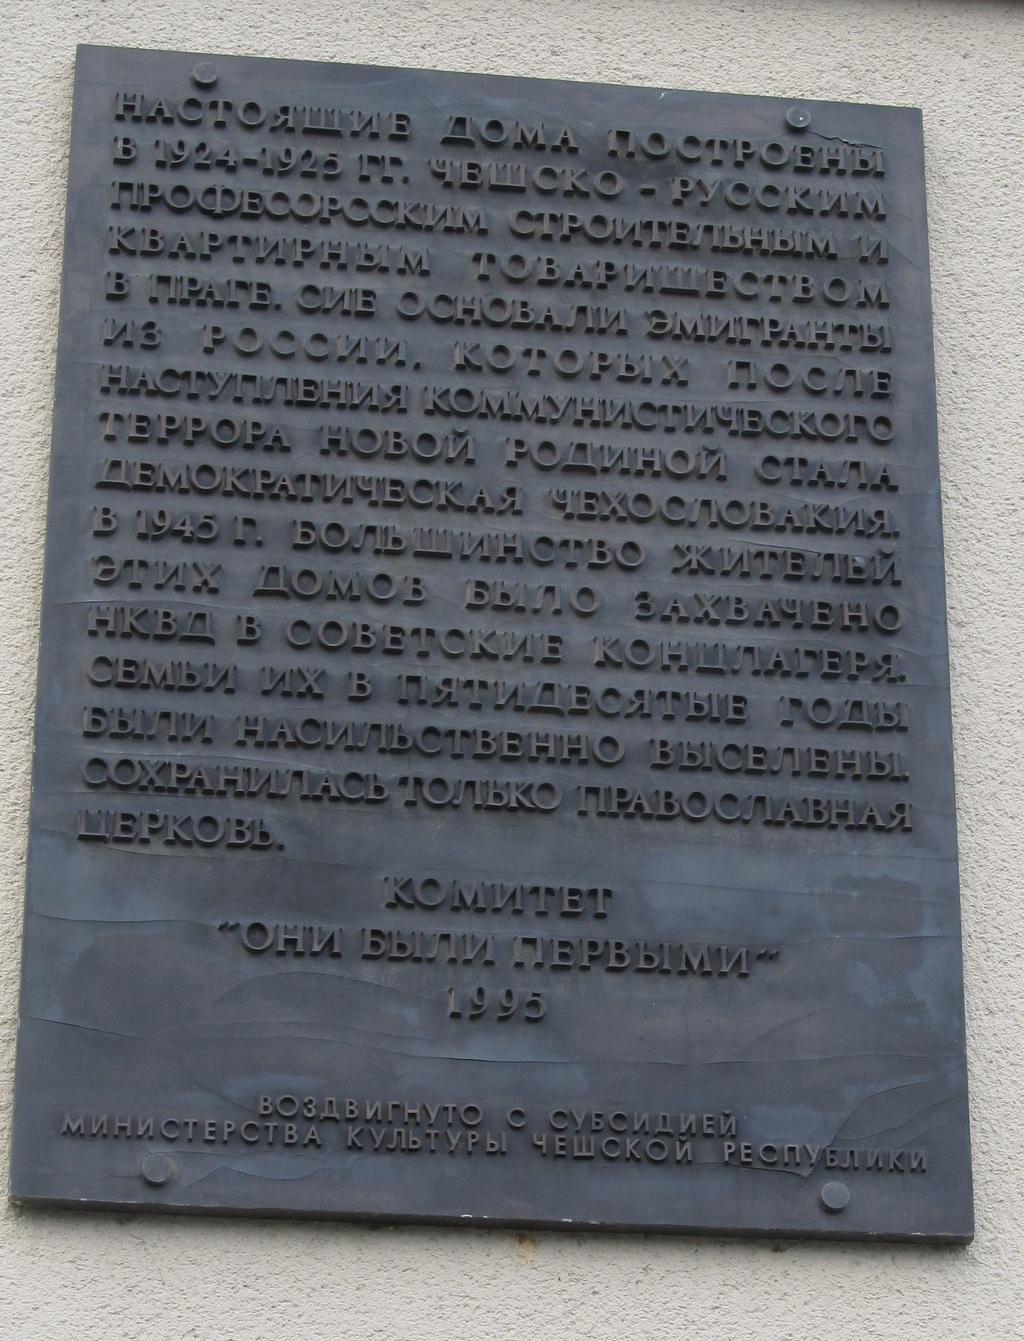 A szovjetek által elhurcolt orosz emigránsok emléktáblája az egykori Professzorok Háza falán #moszkvater